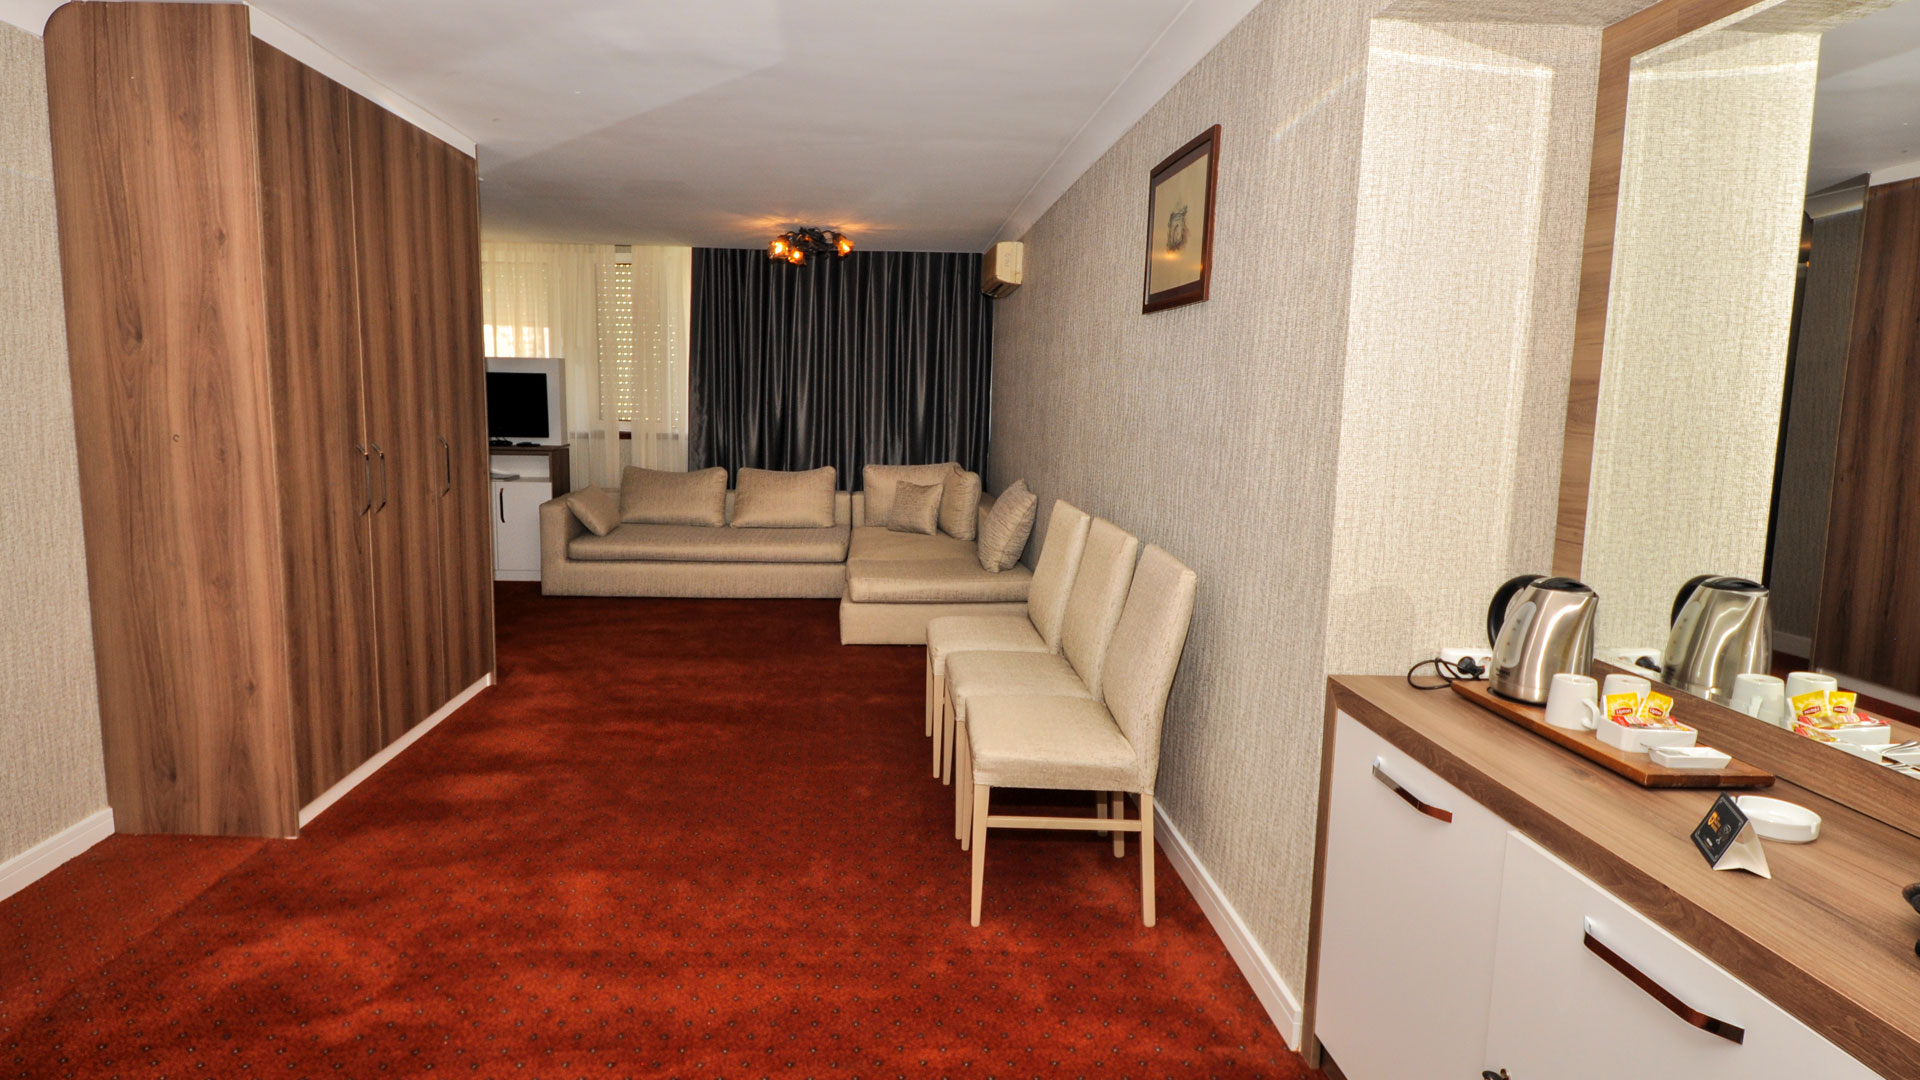 http://en.gurkenthotel.com/wp-content/uploads/executive-4.jpg